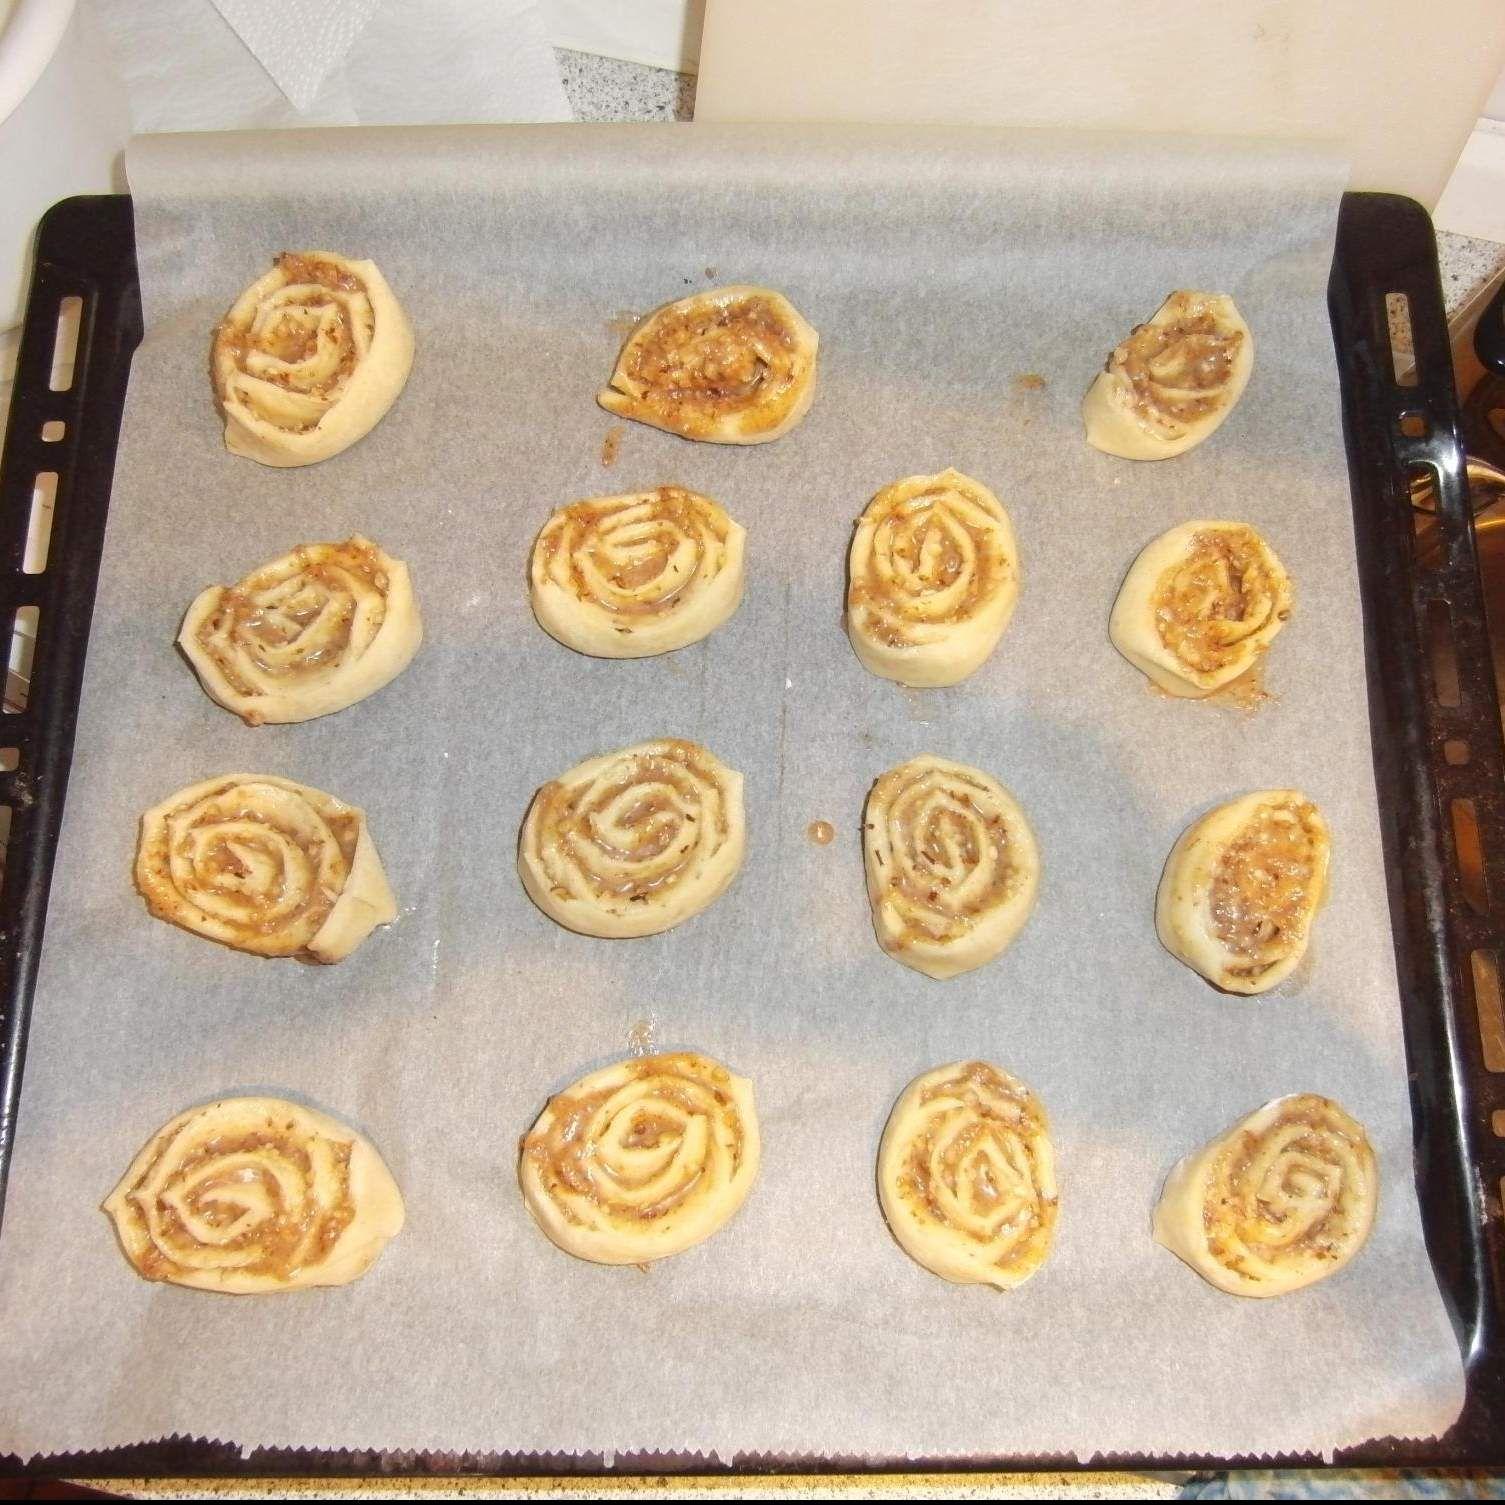 Rezept Zimtschnecken mit Haselnüssen von jule328 - Rezept der Kategorie Backen süß